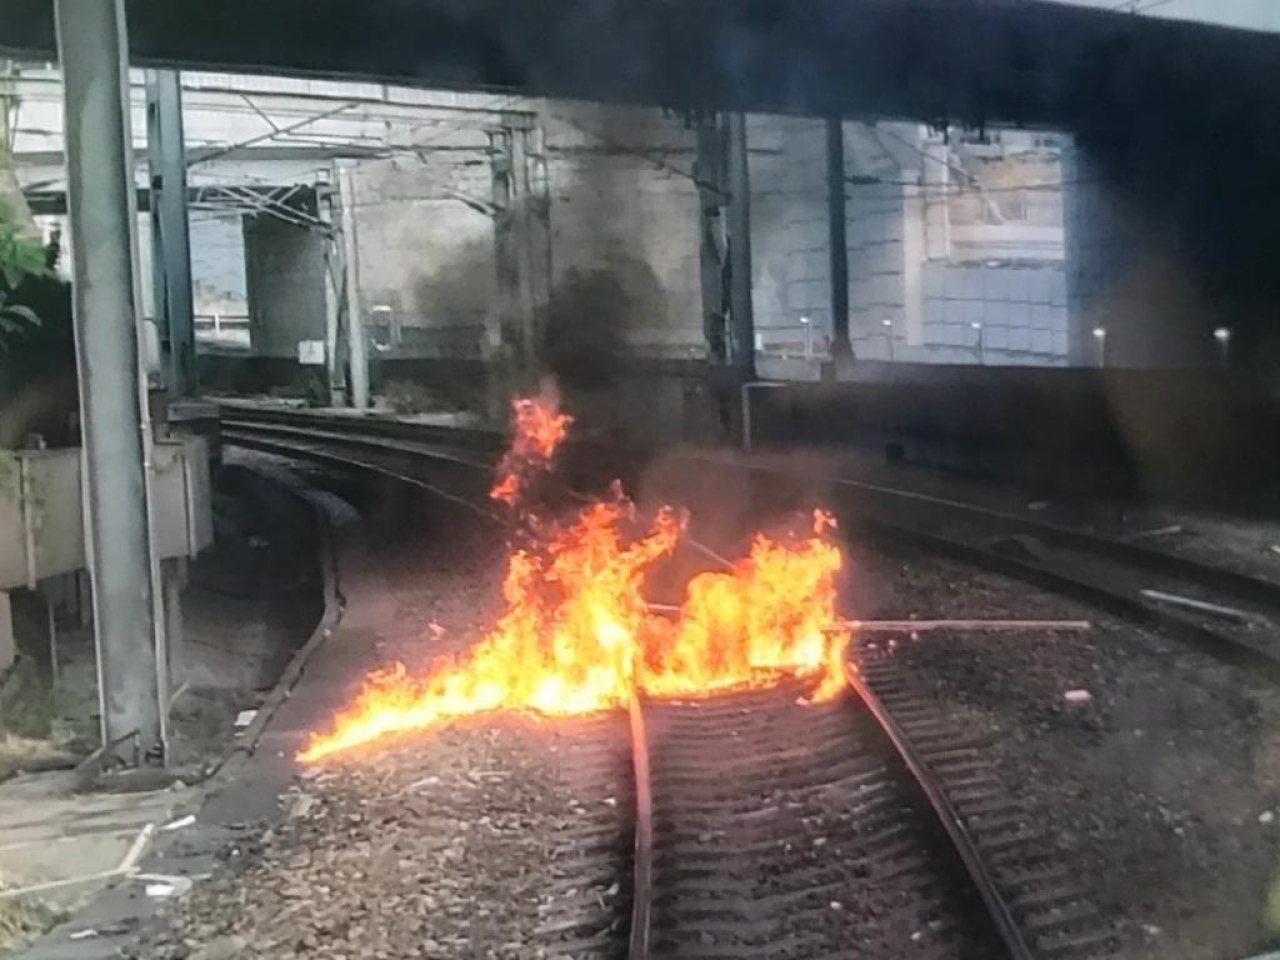 紅磡站今早兩度被人投擲燃燒物。圖:港鐵